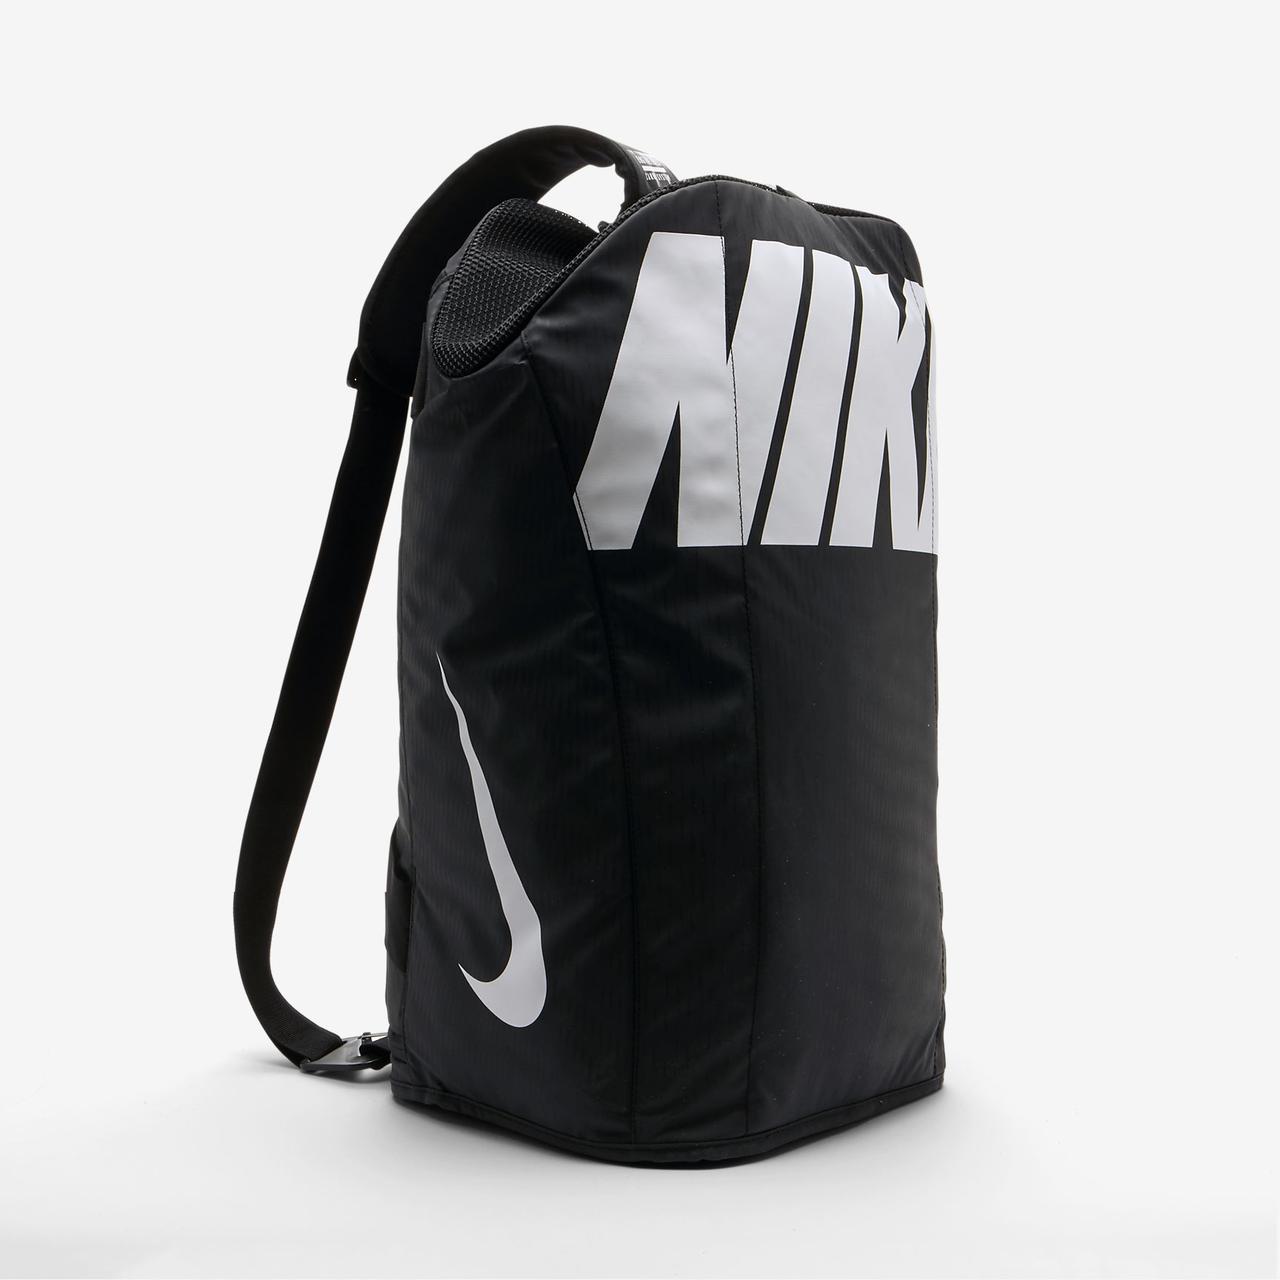 nike alpha adapt crossbody duffel bag black super popular be9d3 ... 4347608e0f197